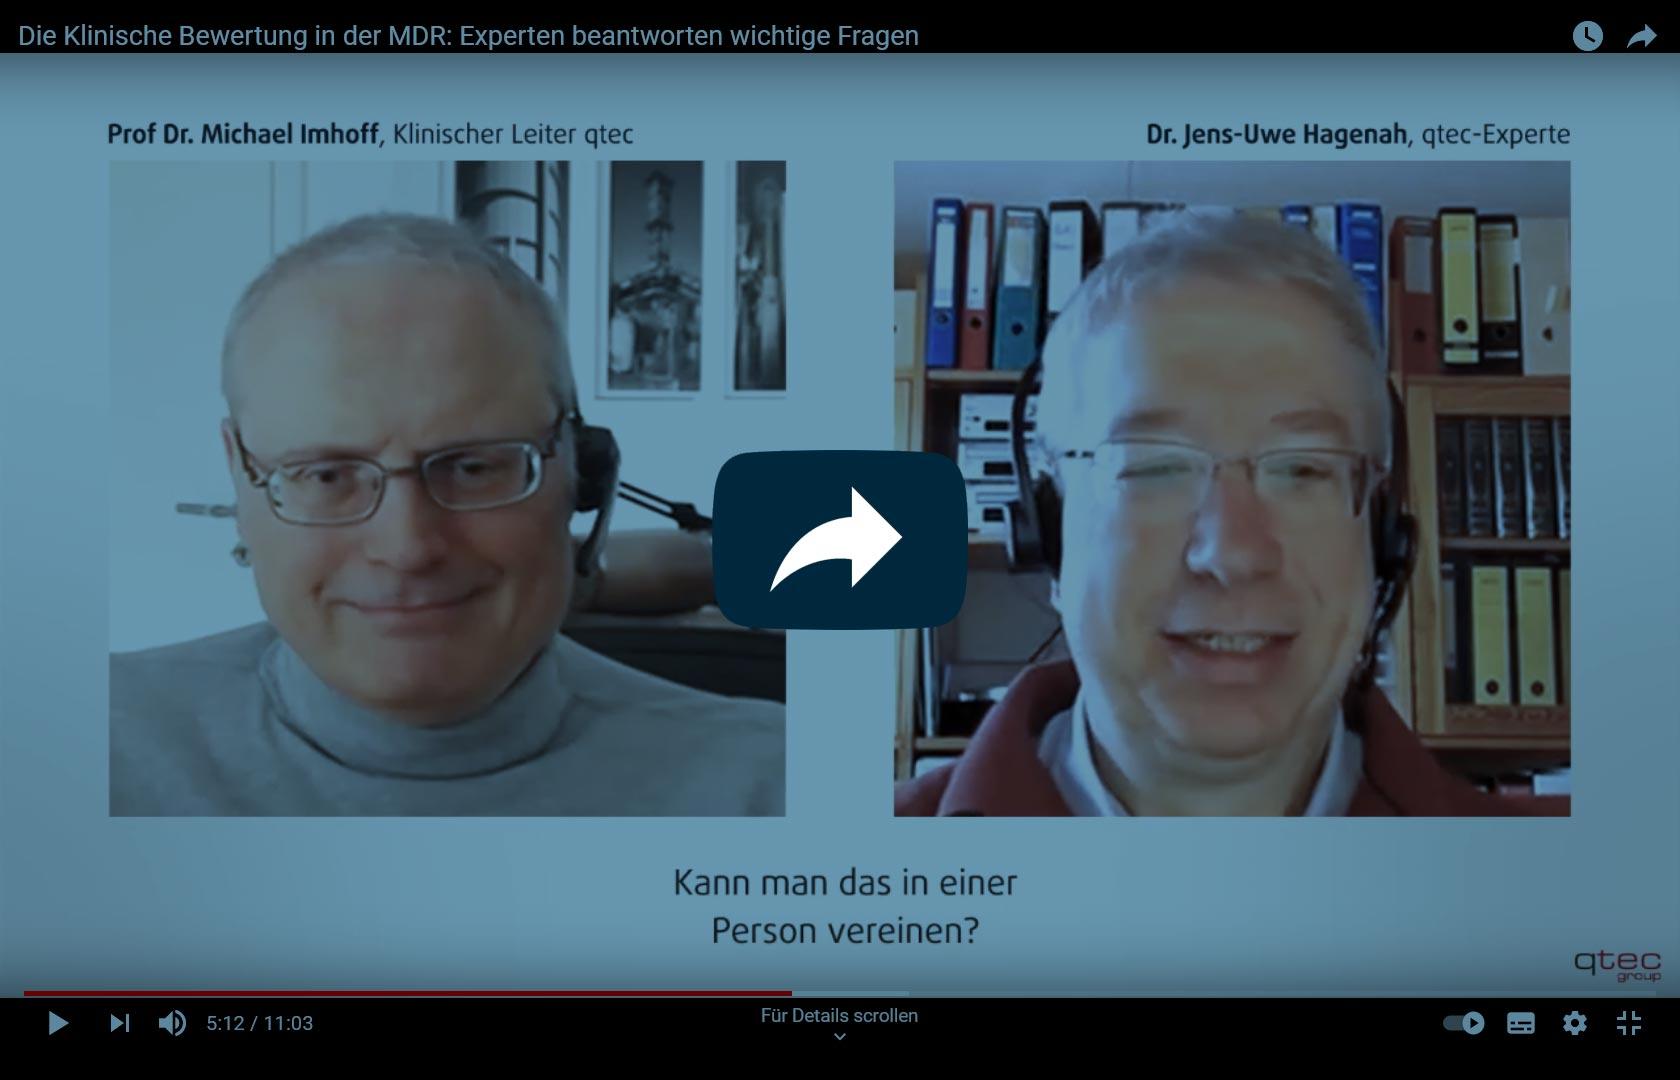 qtec-clinical-affairs-video-vorschau-blau-1